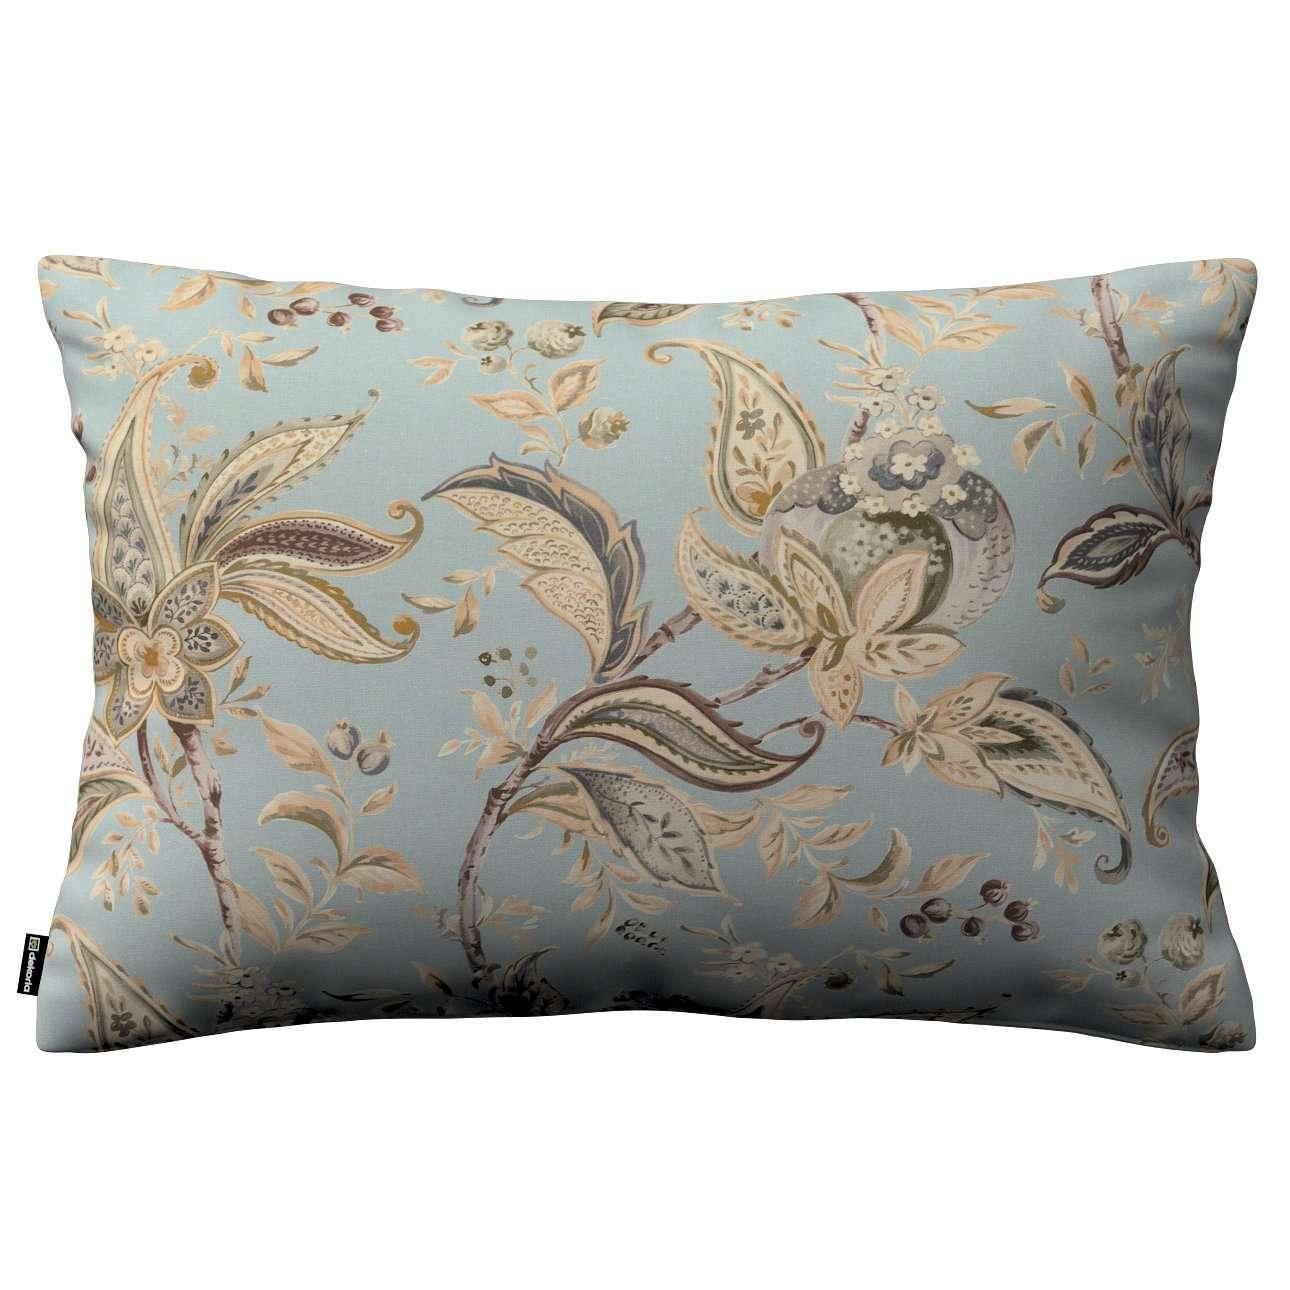 Poszewka Kinga na poduszkę prostokątną w kolekcji Gardenia, tkanina: 142-18